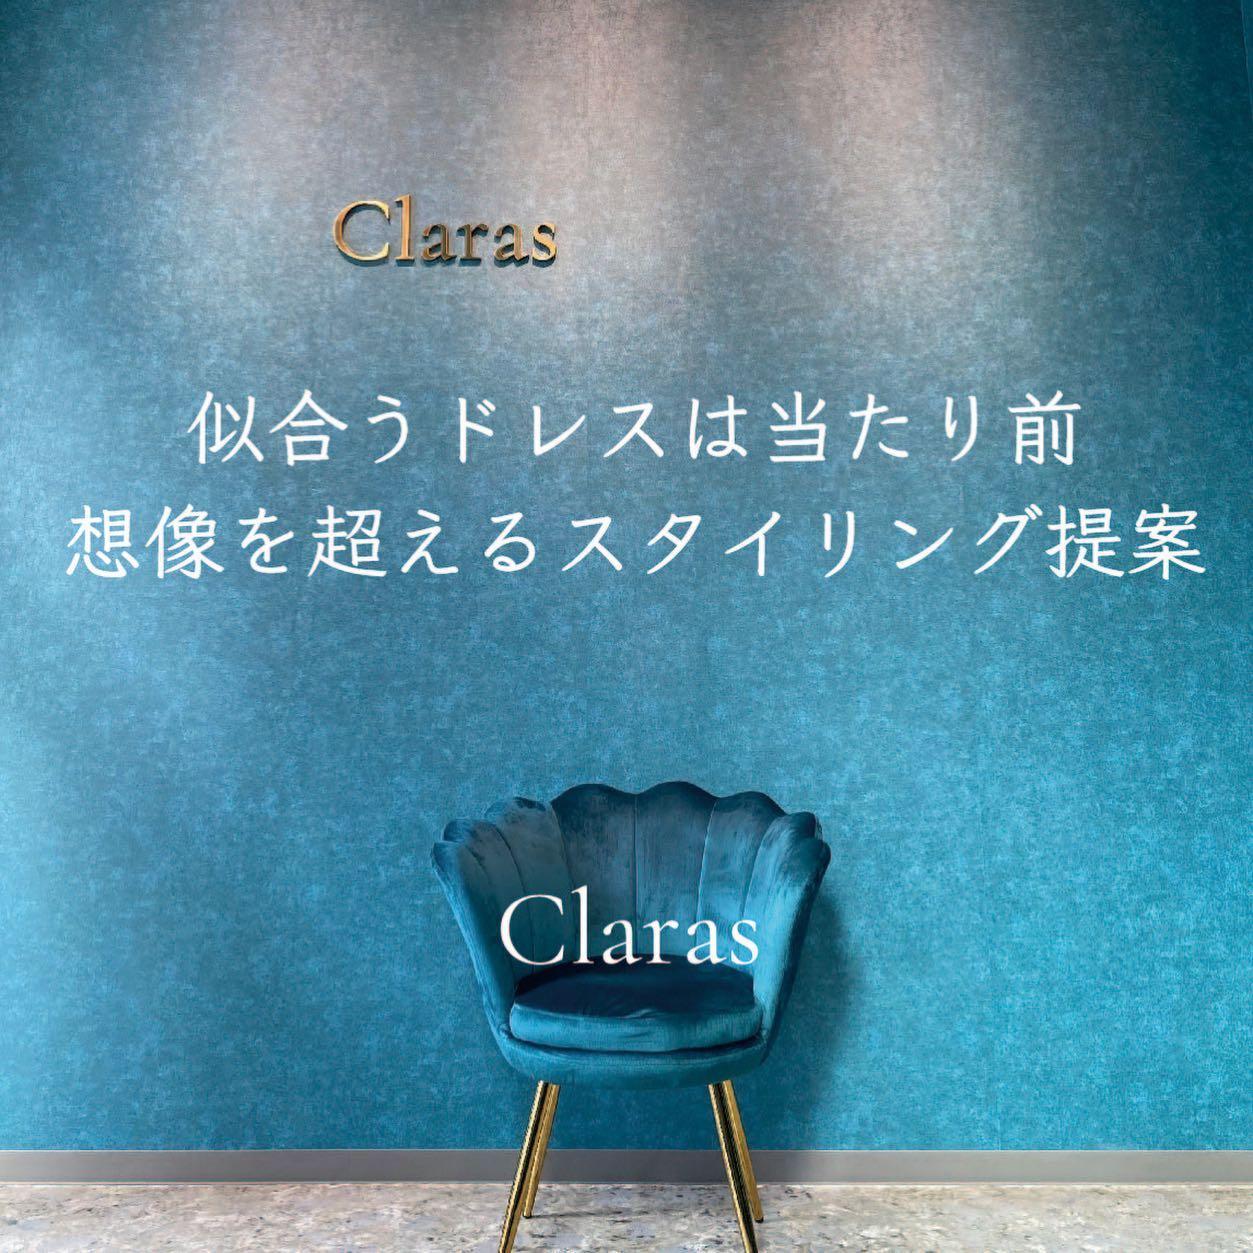 """🕊Claras が貢献できること🕊ドレス選びの価値観変えますドレスだけでなく人で選んで頂けるClaras🤍・インポートドレスを適正価格でお届けするのがClaras・レンタルでは叶わない繊細で上質な素材も、ジャストサイズだから再現できるデザイン美も・Parisに関連会社があるからこそ直輸入での適正価格が叶う・Clarasは1組ずつ貸切でご案内寛ぎながら本当にその方に合った1着へと導きます自分だけのための1着を選びに来てください🤍結婚式やフォトなど迷ってる方でもまずはClarasへ🕊・長年様々なウエディングに携わってきたClarasスタッフより、細かなカウンセリングを行い的確ななご提案をさせていただきますご予約はDMからでも承れます・New Normal Wedding Salon""""Claras""""https://claras.jp/・about """"Claras""""…(ラテン語で、明るい·輝く)As(明日· 未来, フランス語て最高、一番) ・明るく輝く明日(未来) に貢献したいという想いを込めています🕊Fashionの都Parisをはじめ、欧米から選りすぐりのドレスをこれから出逢う花嫁のために取揃えました・2021.3.7 (Sun)NEW OPEN・Dressから始まるWedding Story""""憧れていた Dress選びから始まる結婚準備があったっていい""""・さまざまな新しい「価値」を創造し発信していきますこれからの新しい Wedding の常識を""""Claras """"から🕊・New Normal Wedding Salon【Claras】〒107-0061 東京都港区北青山2-9-14SISTER Bldg 1F(101) 東京メトロ銀座線 外苑前駅3番出ロより徒歩2分Tel:03 6910 5163HP: https://claras.jp営業時間:平日 12:00-18:00 土日祝11:00-18:00(定休日:月・火)・#wedding #weddingdress #instagood #instalike #claras #paris #vowrenewal#ウェディングドレス #プレ花嫁 #ドレス試着 #ドレス迷子 #2021夏婚 #2021冬婚 #ヘアメイク #結婚式  #ドレス選び #前撮り #インポートドレス #フォトウェディング #ウェディングヘア  #フォト婚 #ニューノーマル #ブライダルフォト #カップルフォト #ウェディングドレス探し #ウェディングドレス試着 #セルドレス #ドレスショップ #オリジナルウエディング #運命のドレス"""